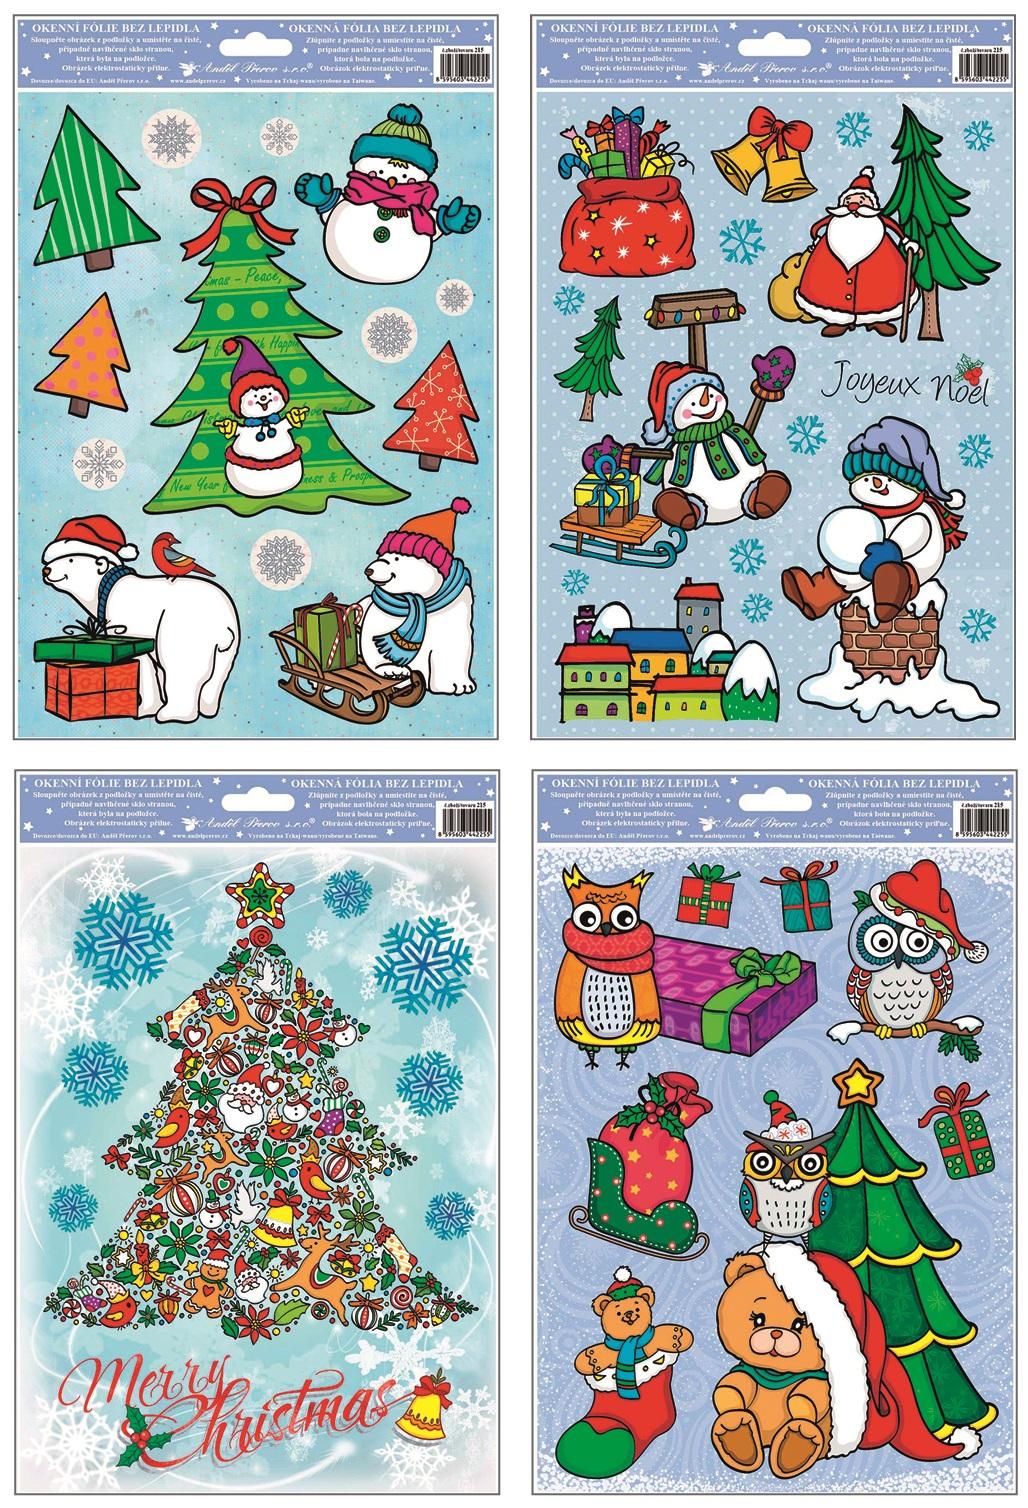 Fólie na okna s glitrem Merry Christmas 30x20 cm